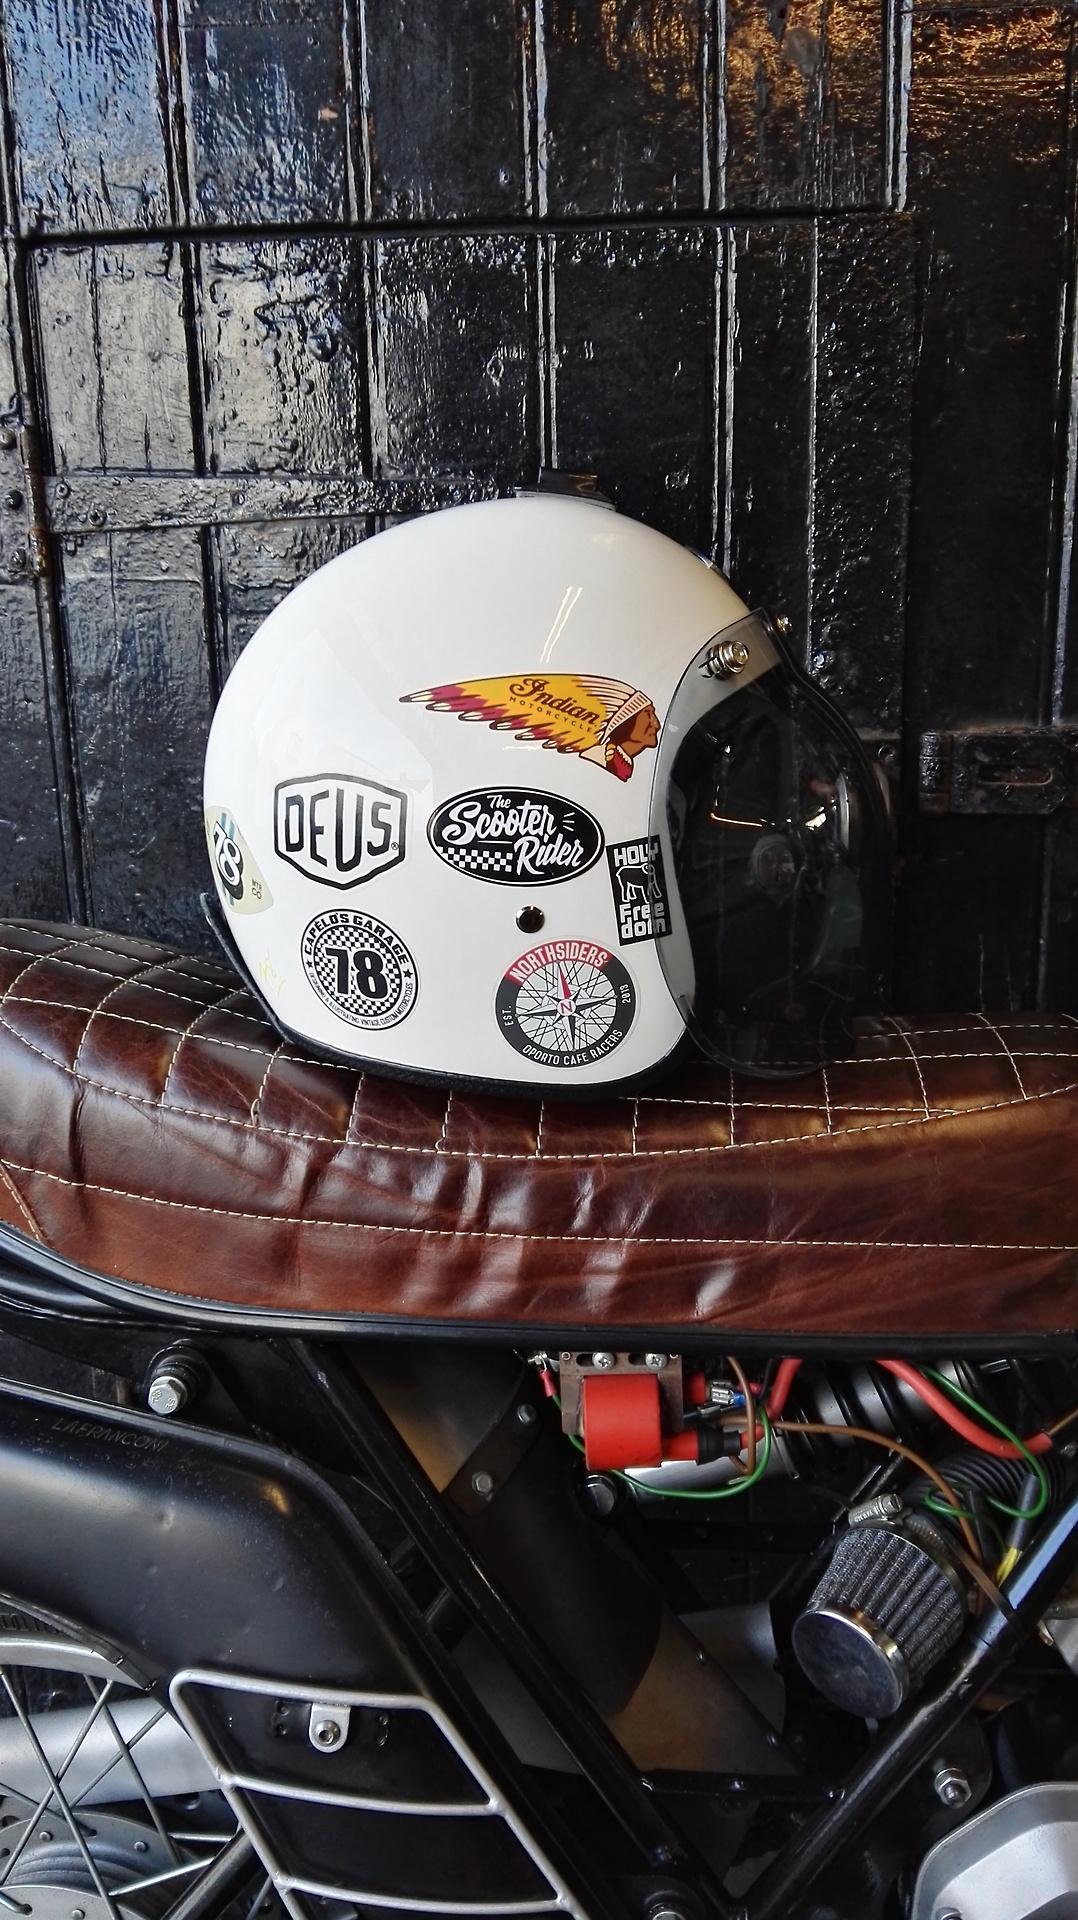 Motorstylegarage Motorcycle Helmets Vintage Cafe Racer Helmet Motorcycle Helmet Decals